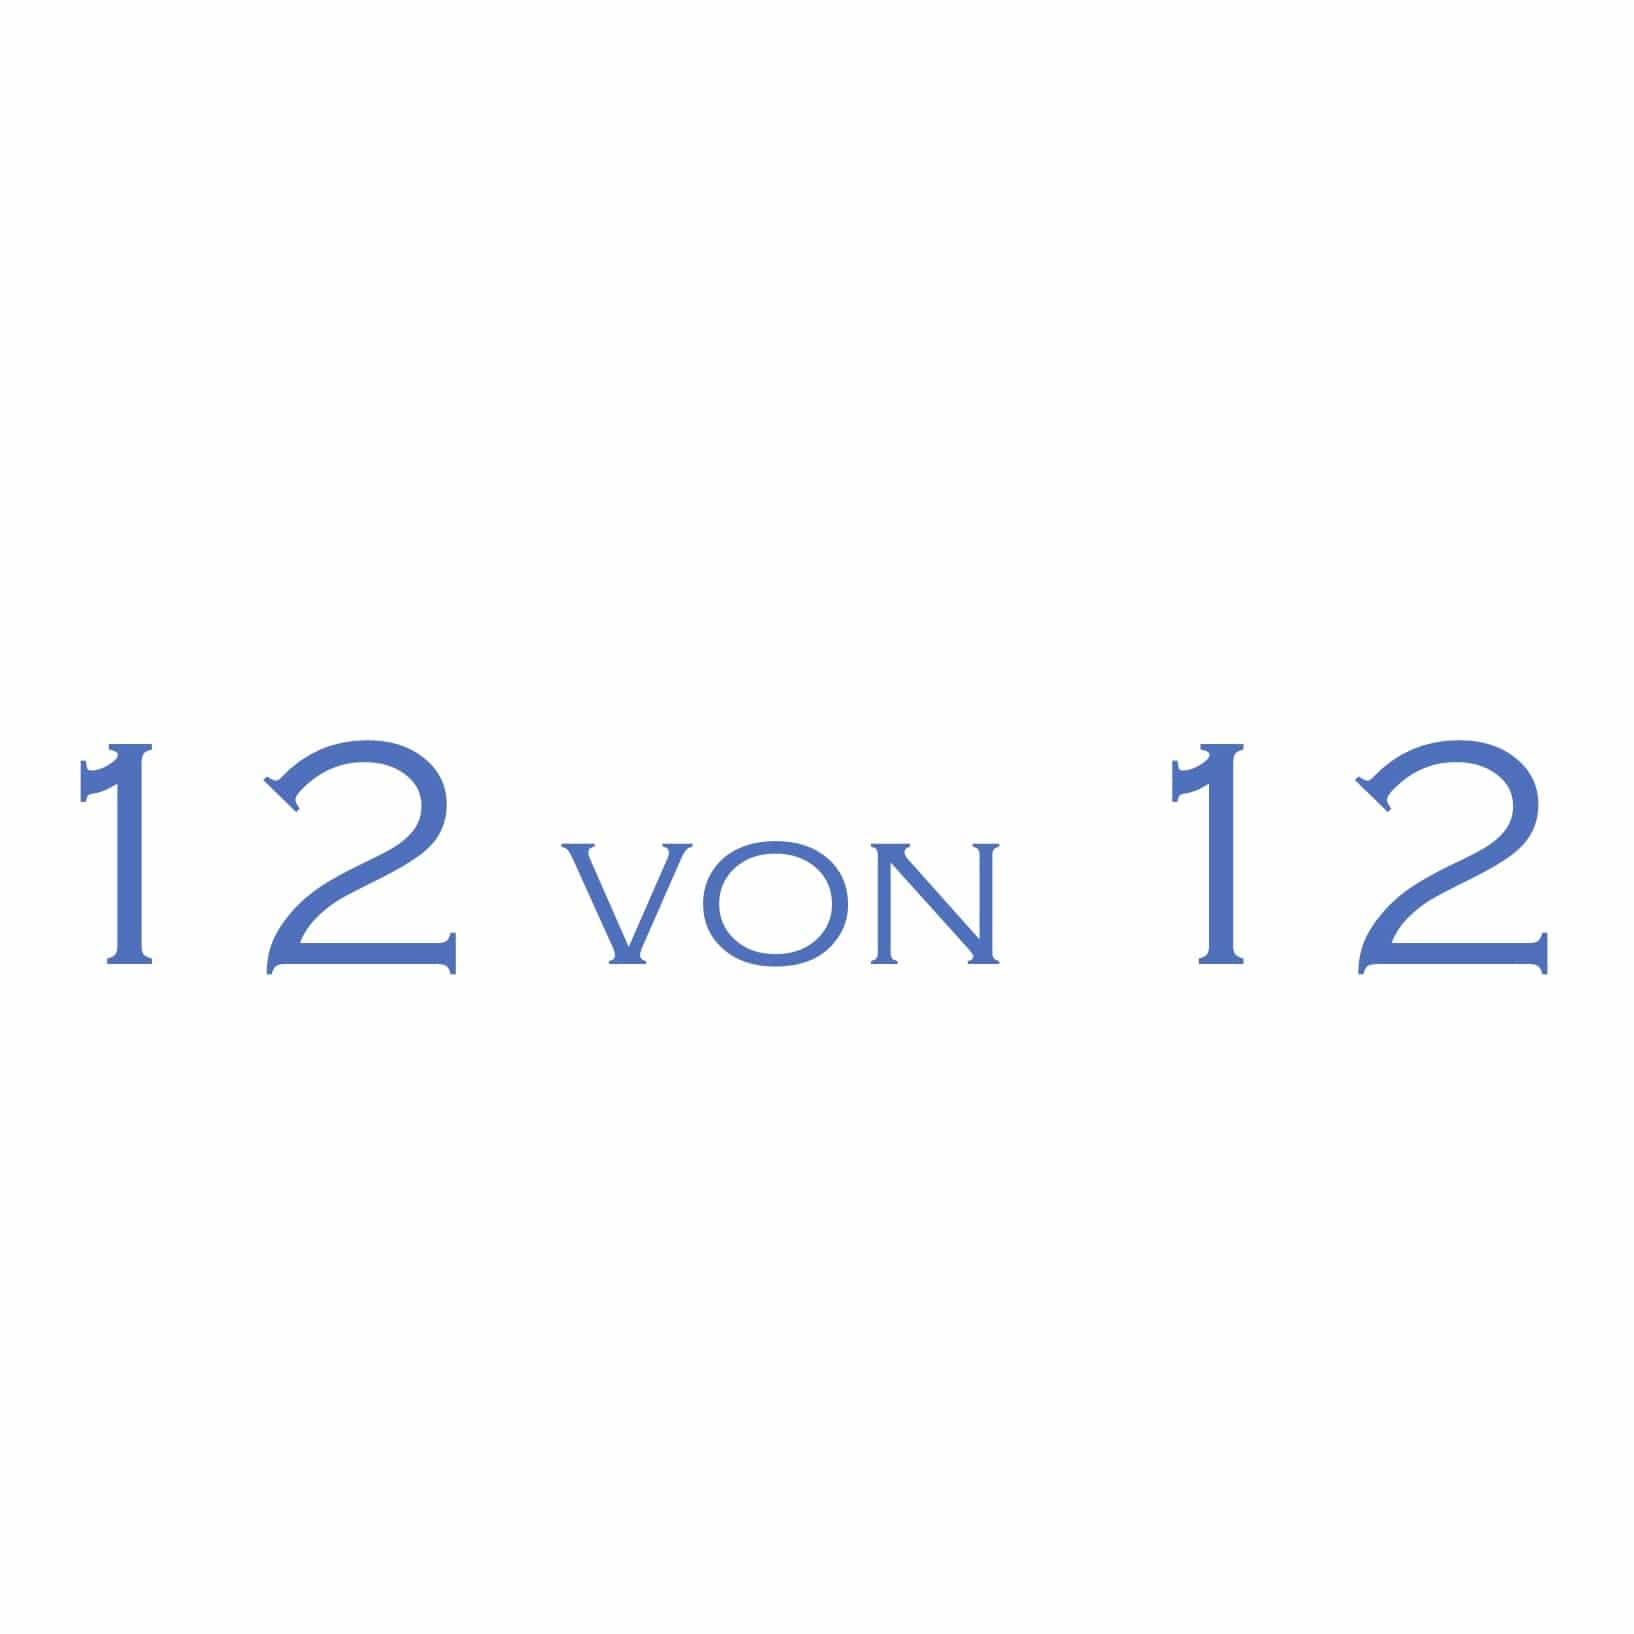 12 von 12 im September 2021 – Mein Tag in Bildern